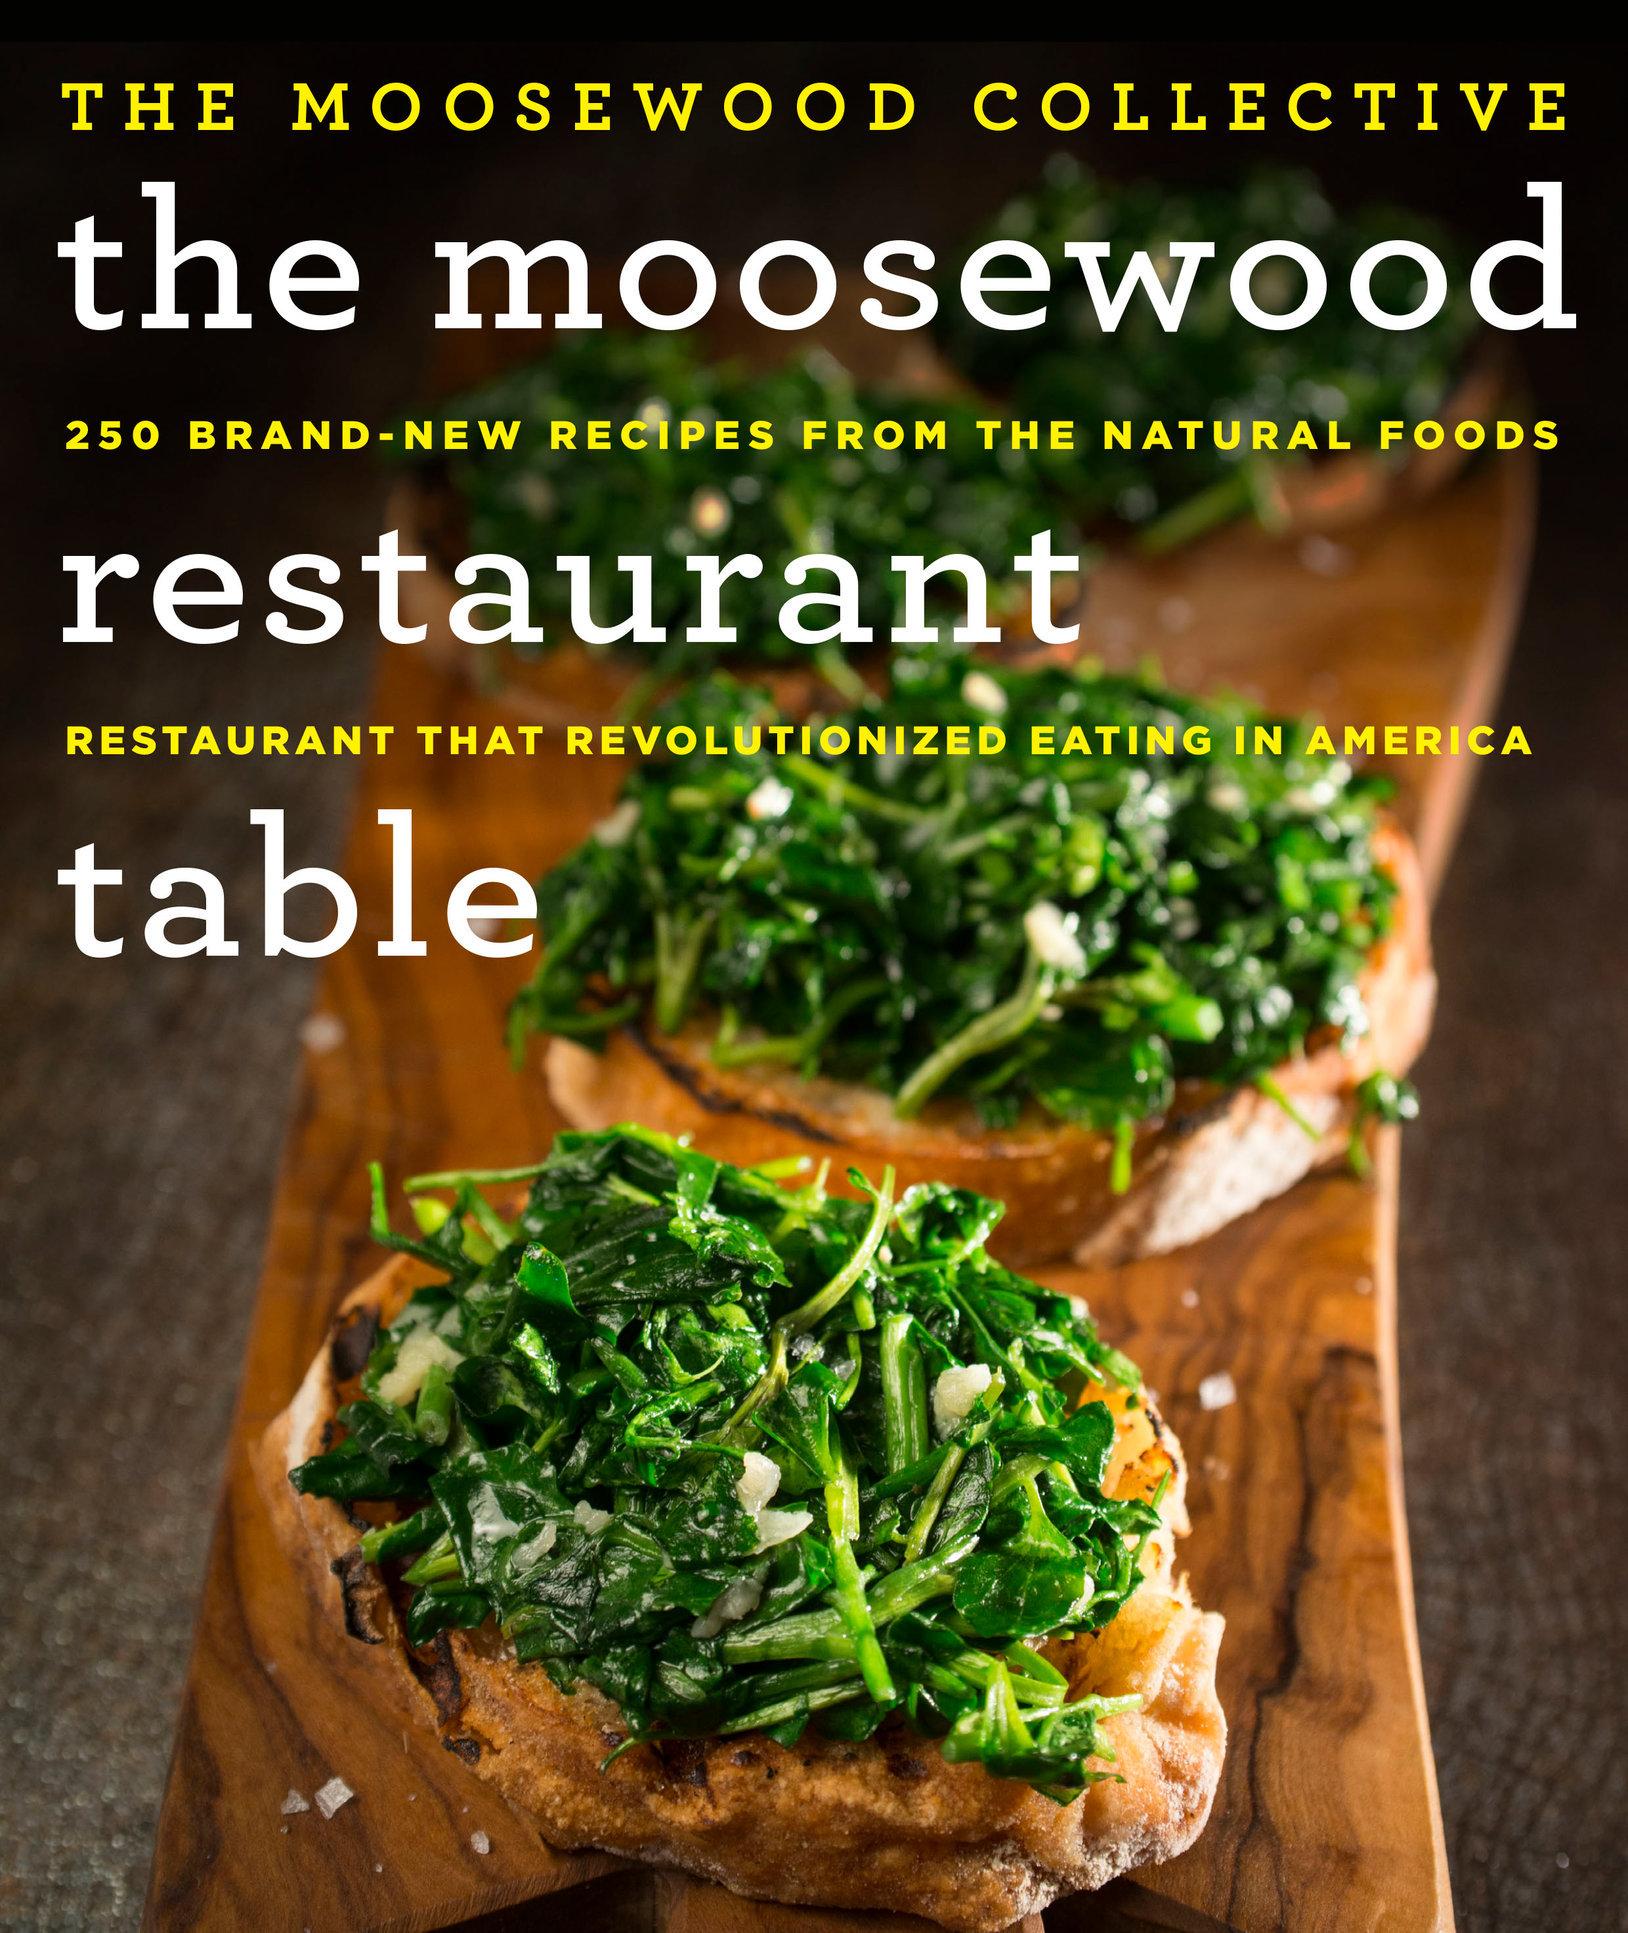 MOOSEWOOD RESTAURANT TABLE copy 2.jpg